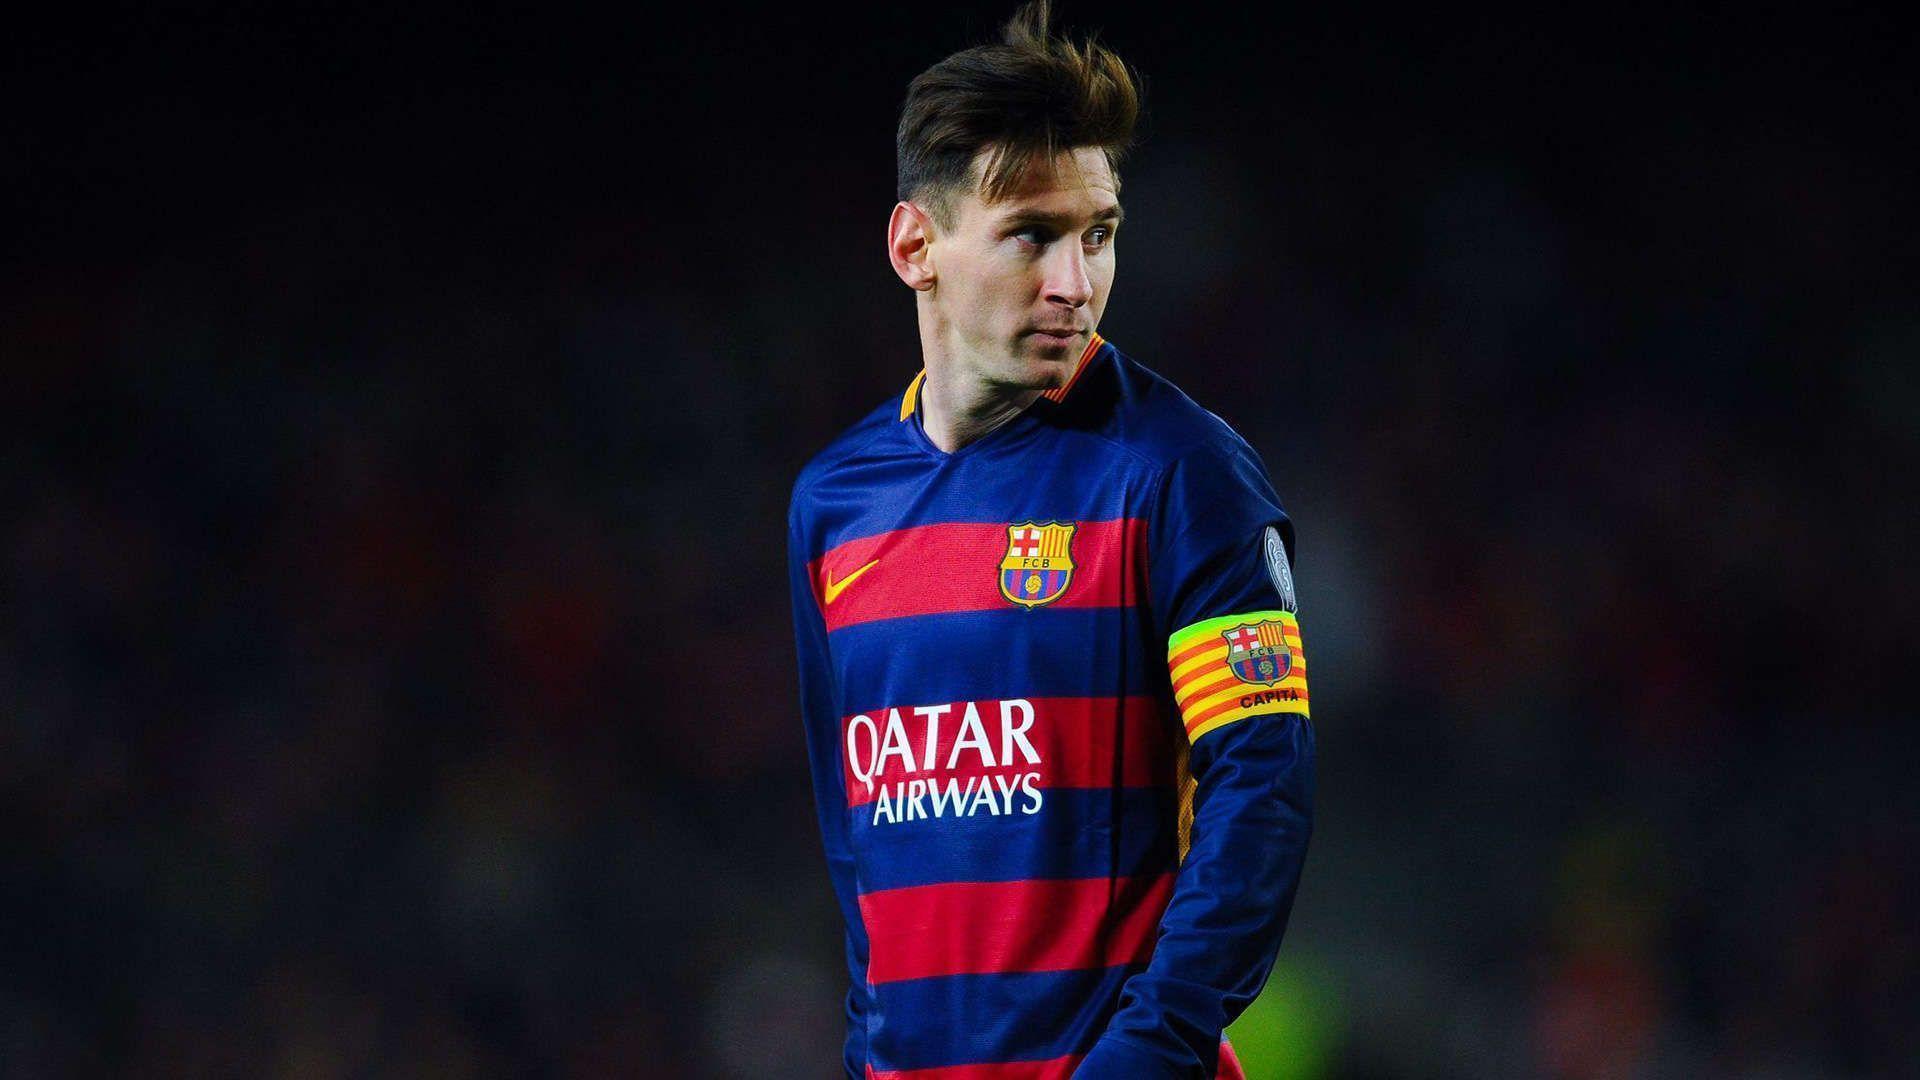 Good Wallpaper Logo Messi - wc1681028  Snapshot_35270.jpg